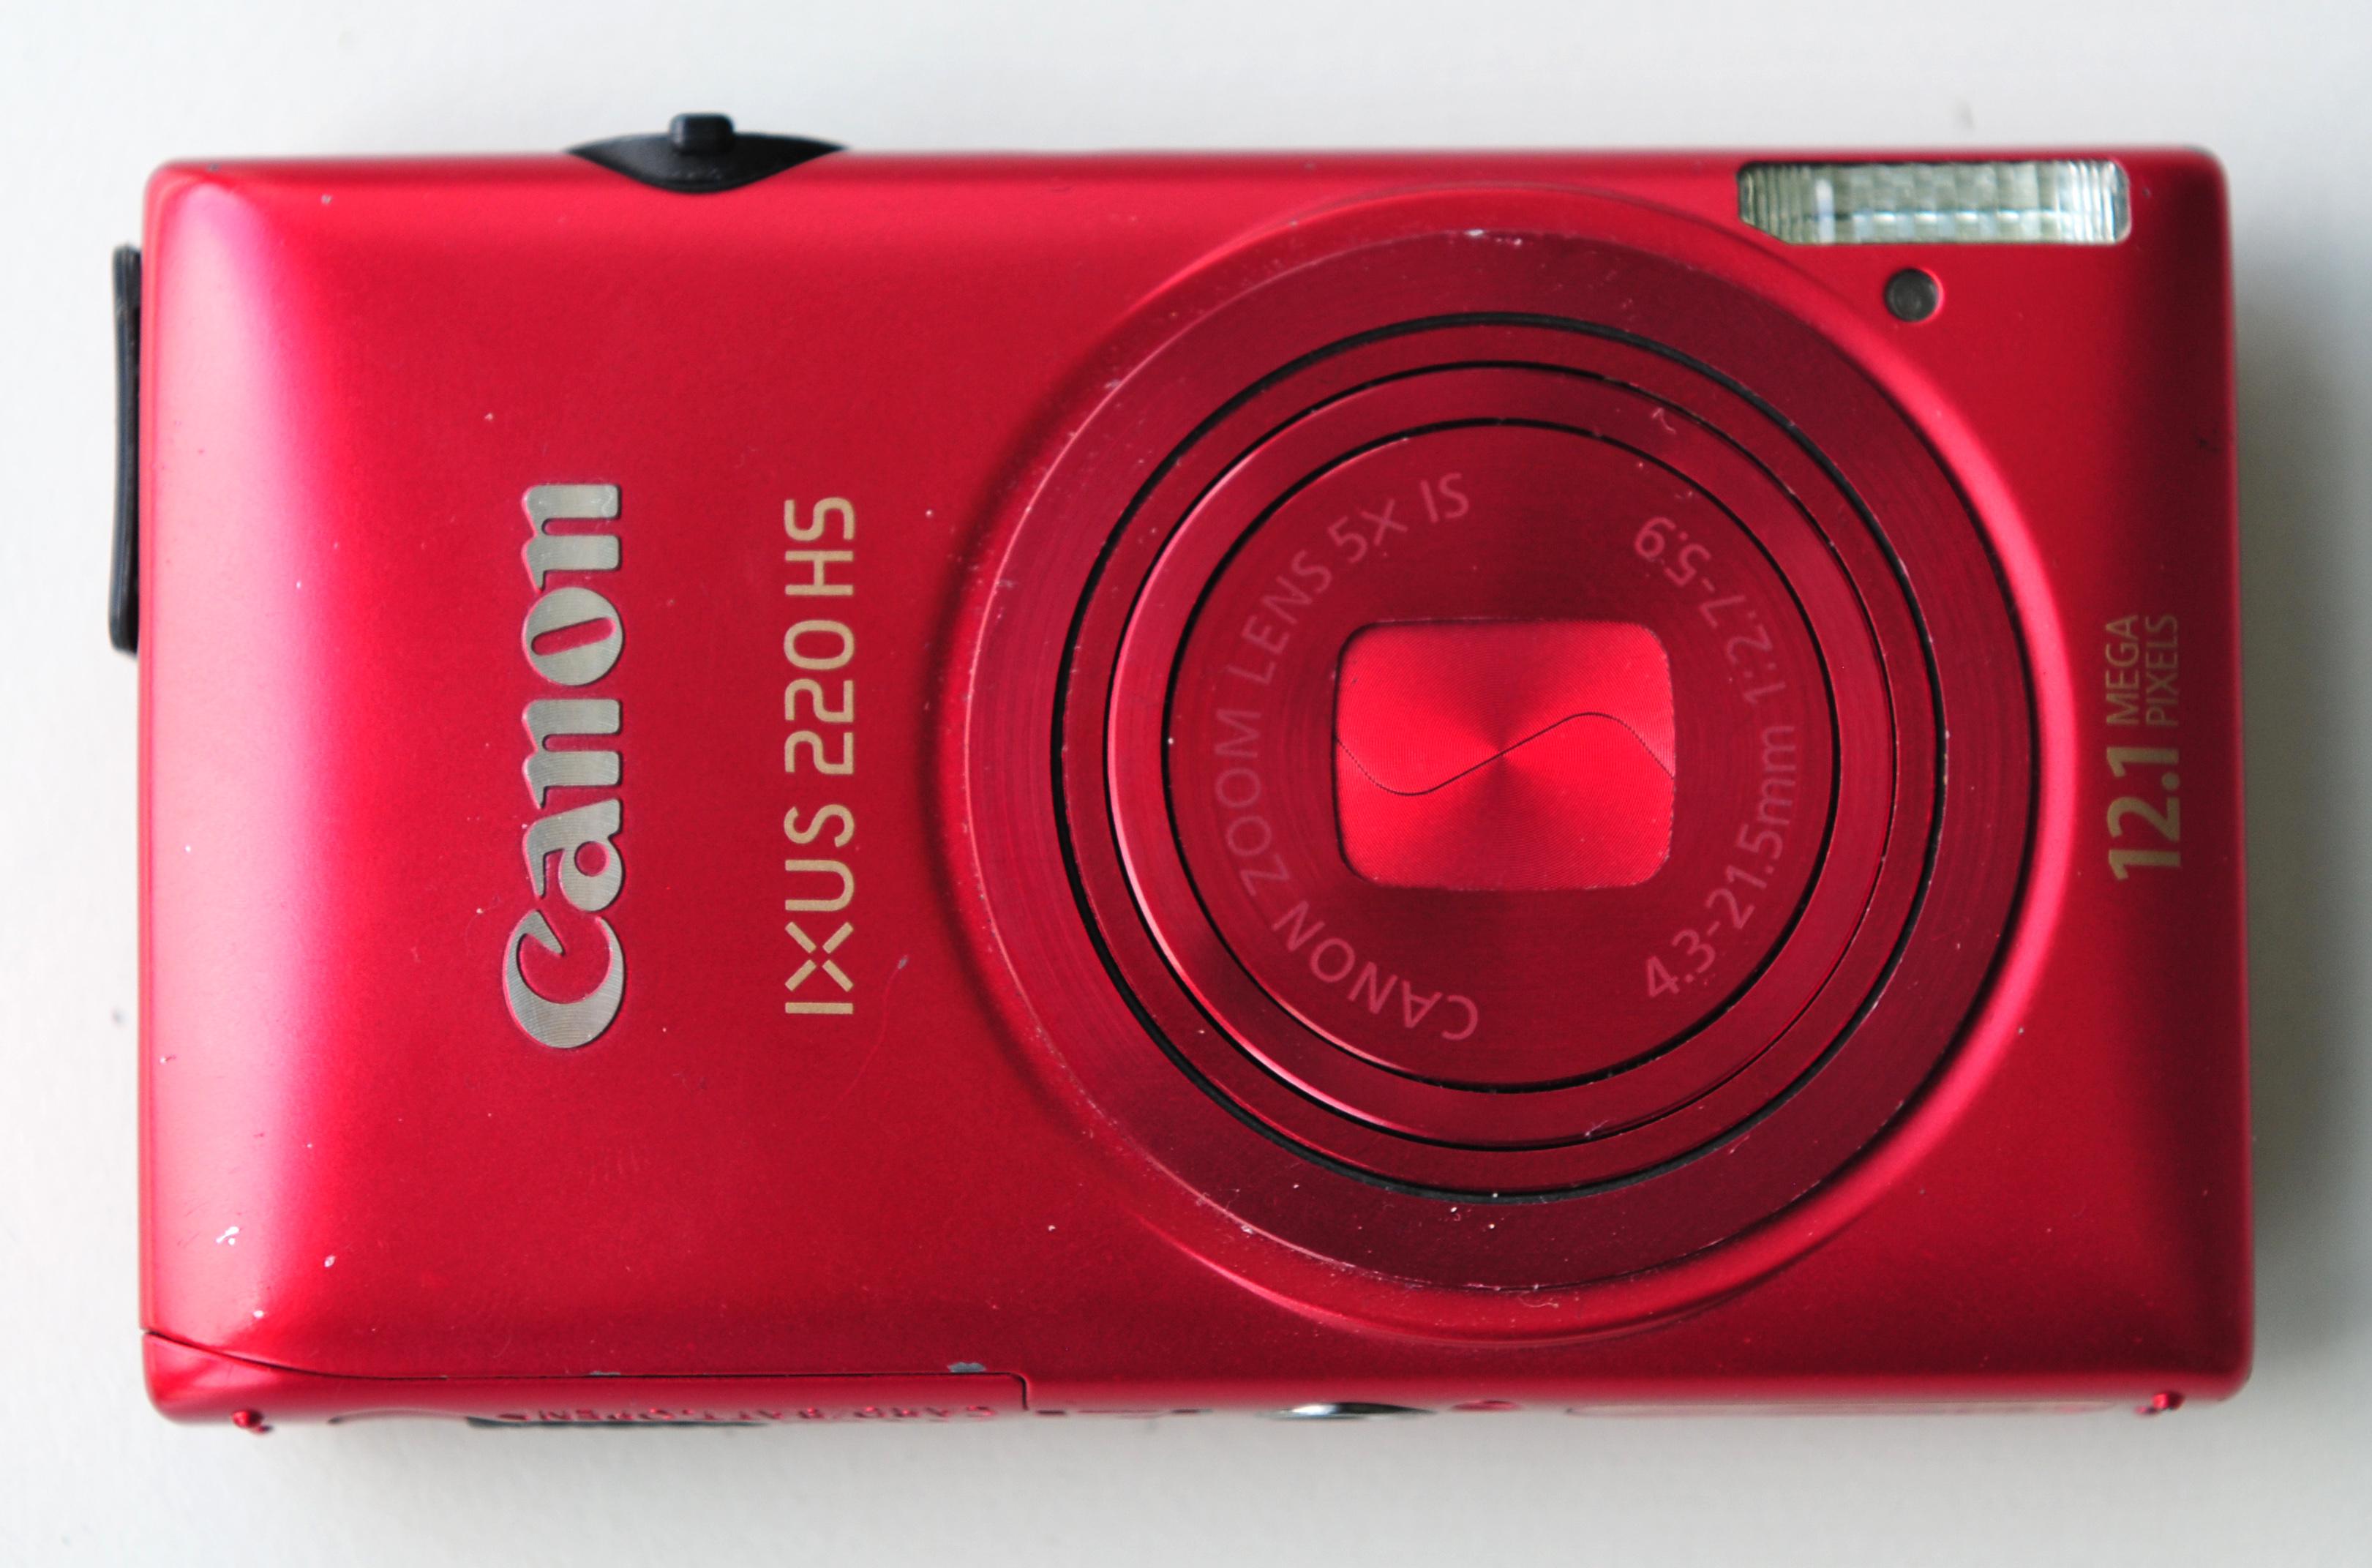 14-08-01-kameravergleich-7.jpg